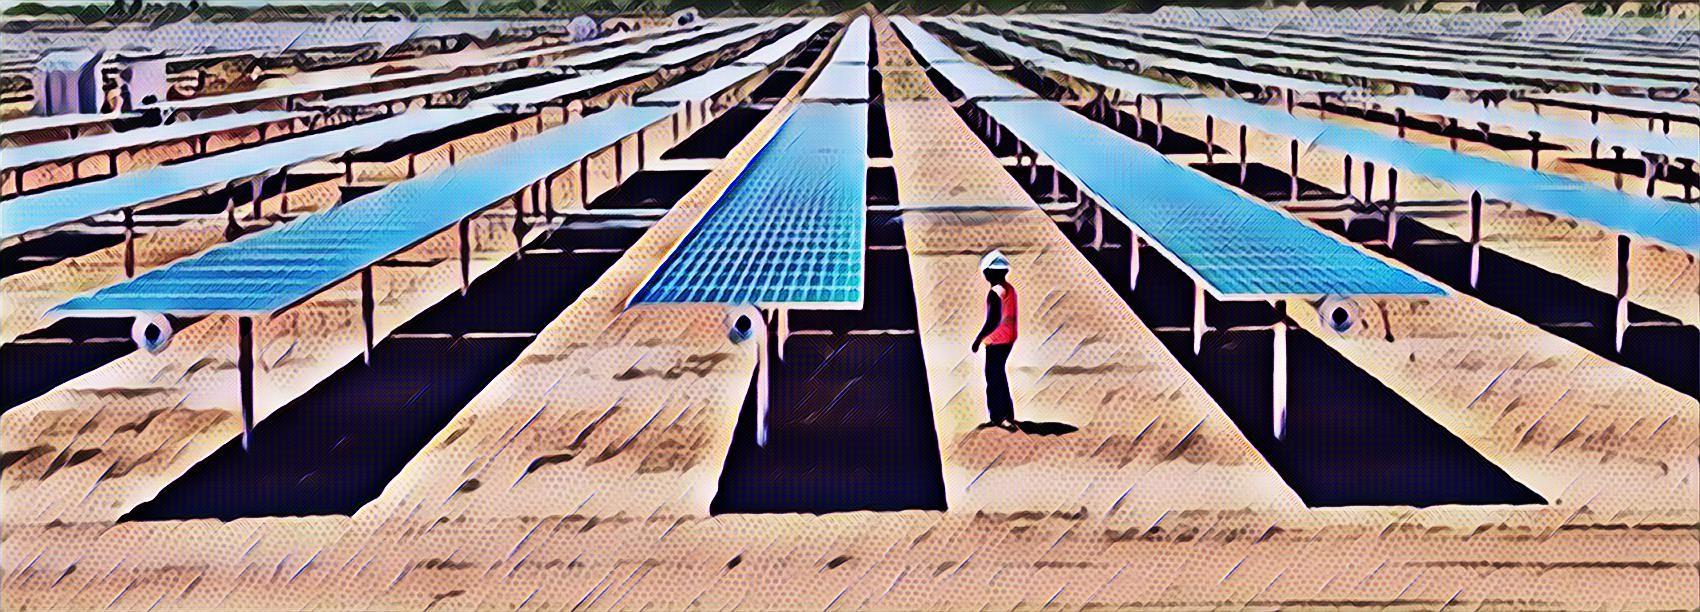 Sobre la viabilidad de una planta solar Fotovoltaica en Parcelas Municipales.